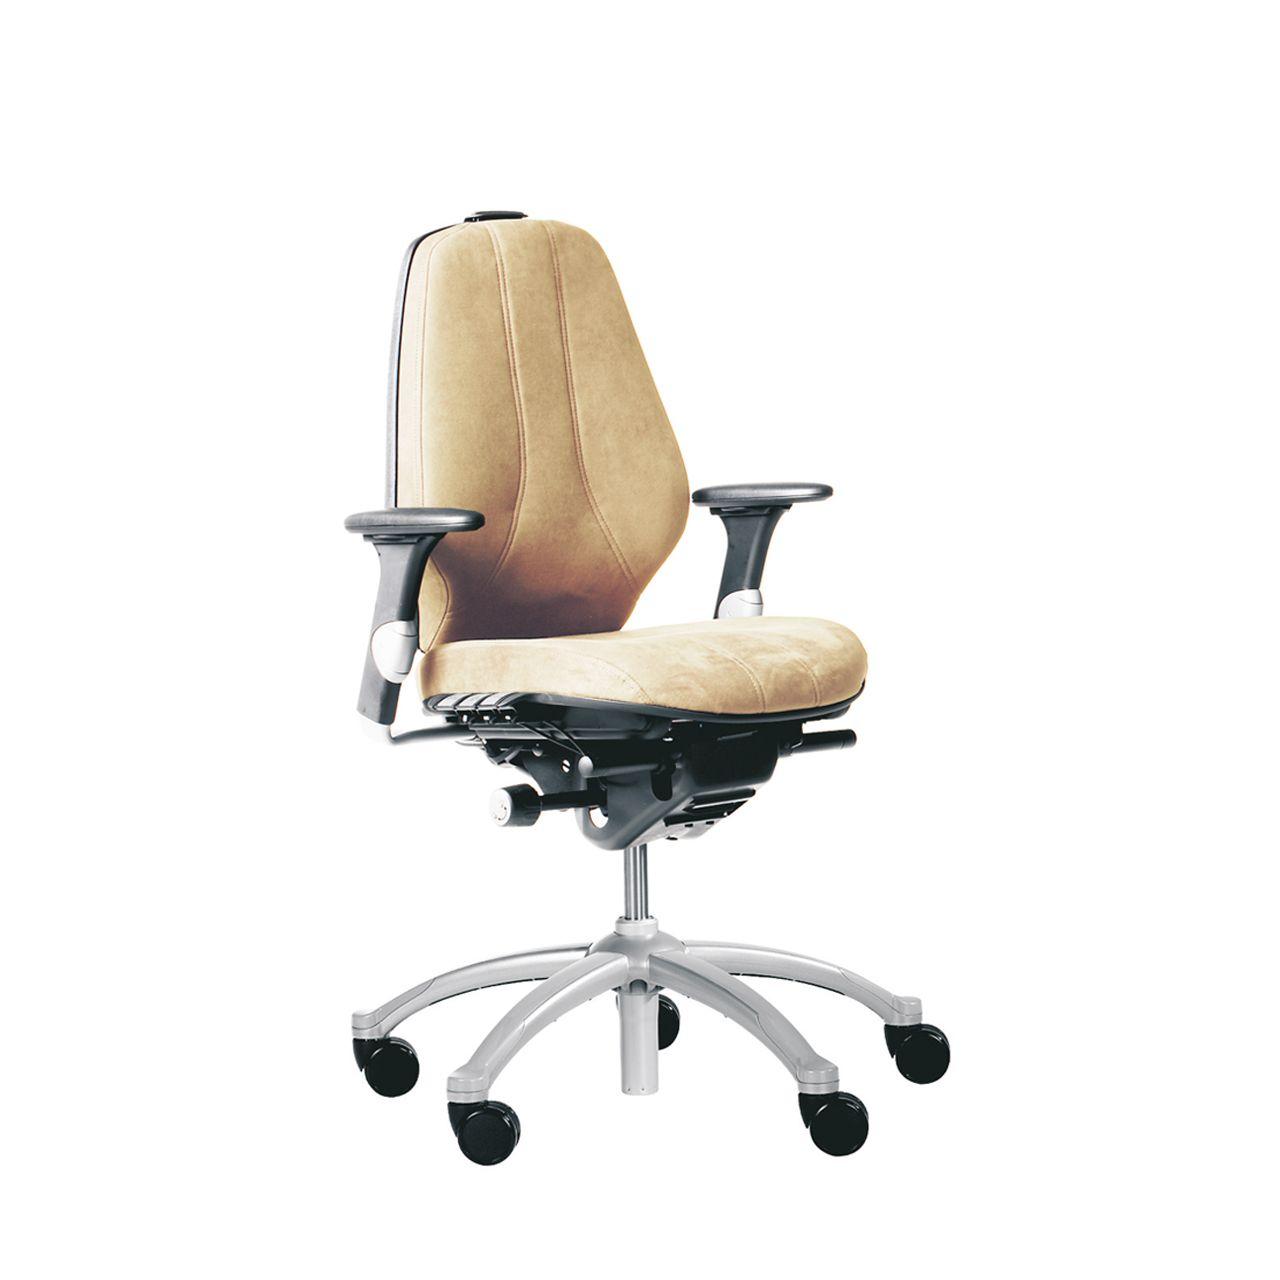 rh logic 300 24 7 ergonomische bureaustoel STKARH304 Beige